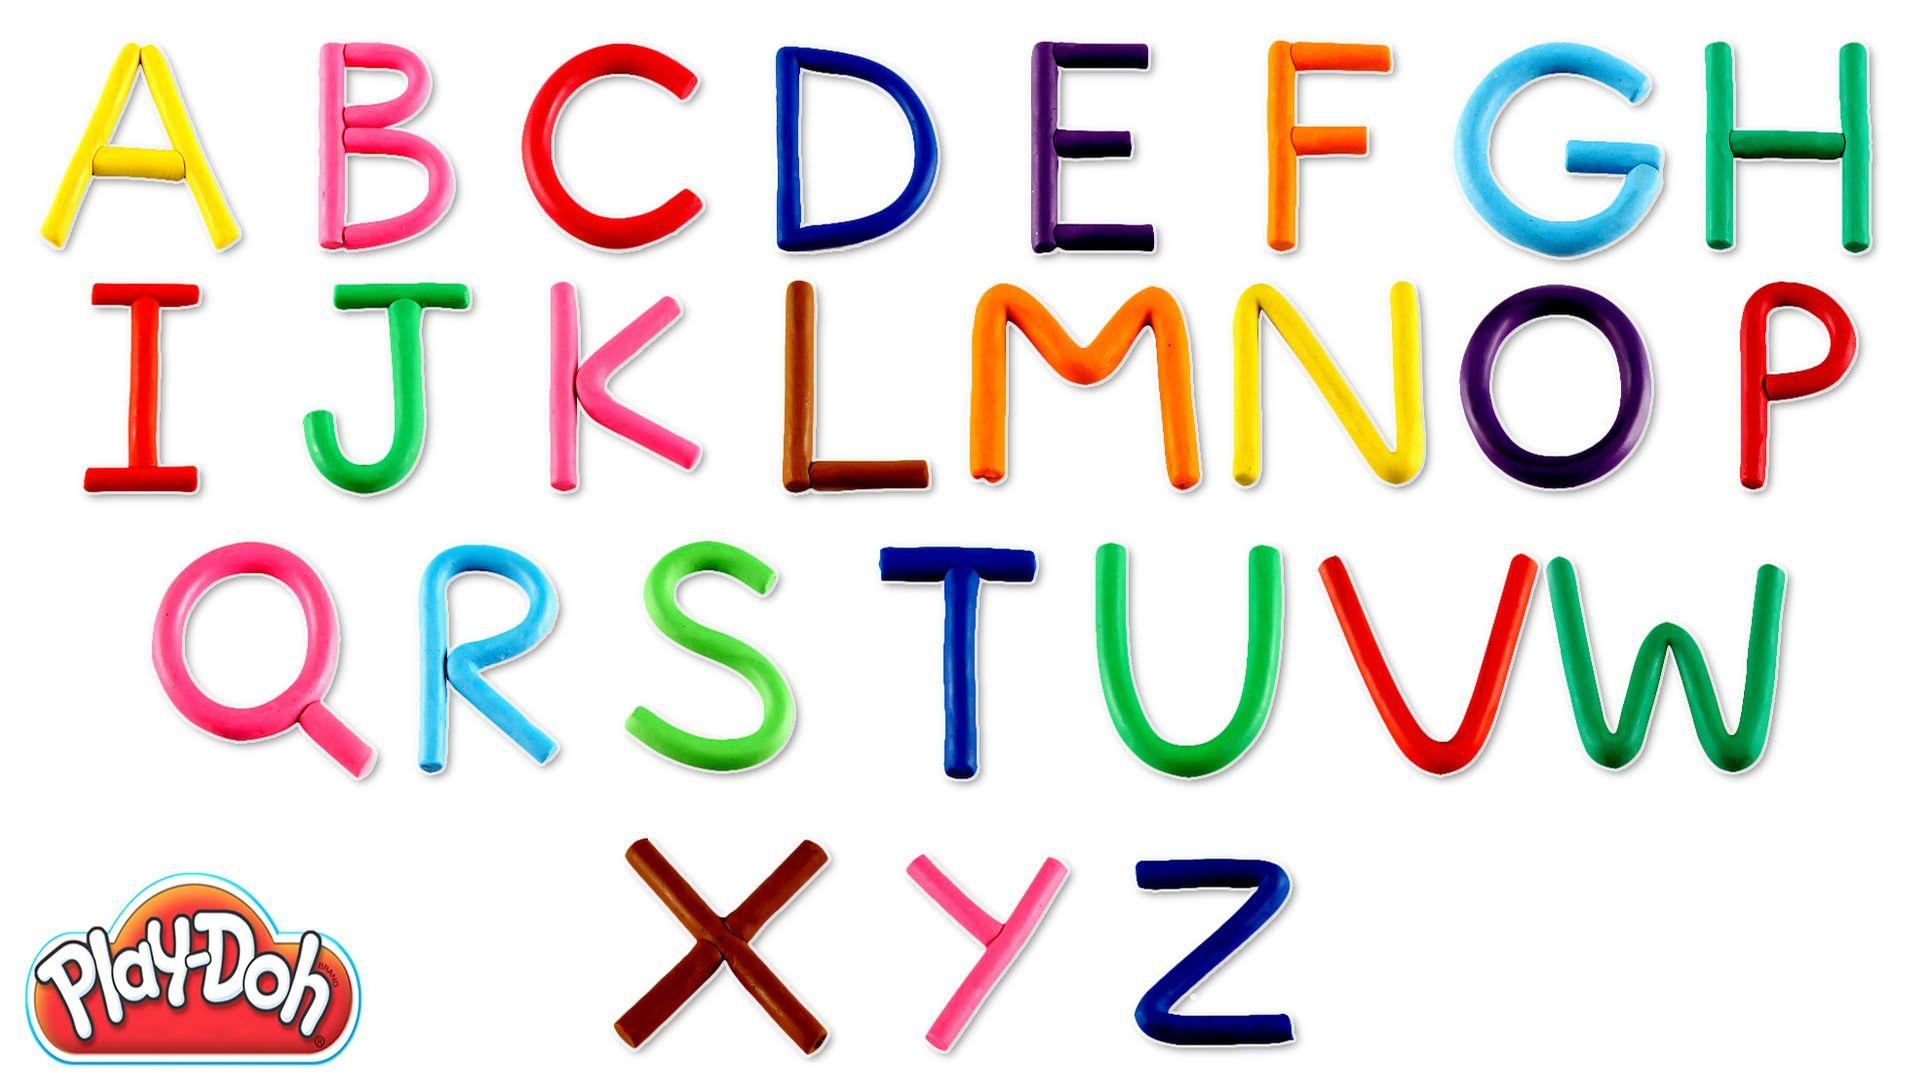 The world's longest letter